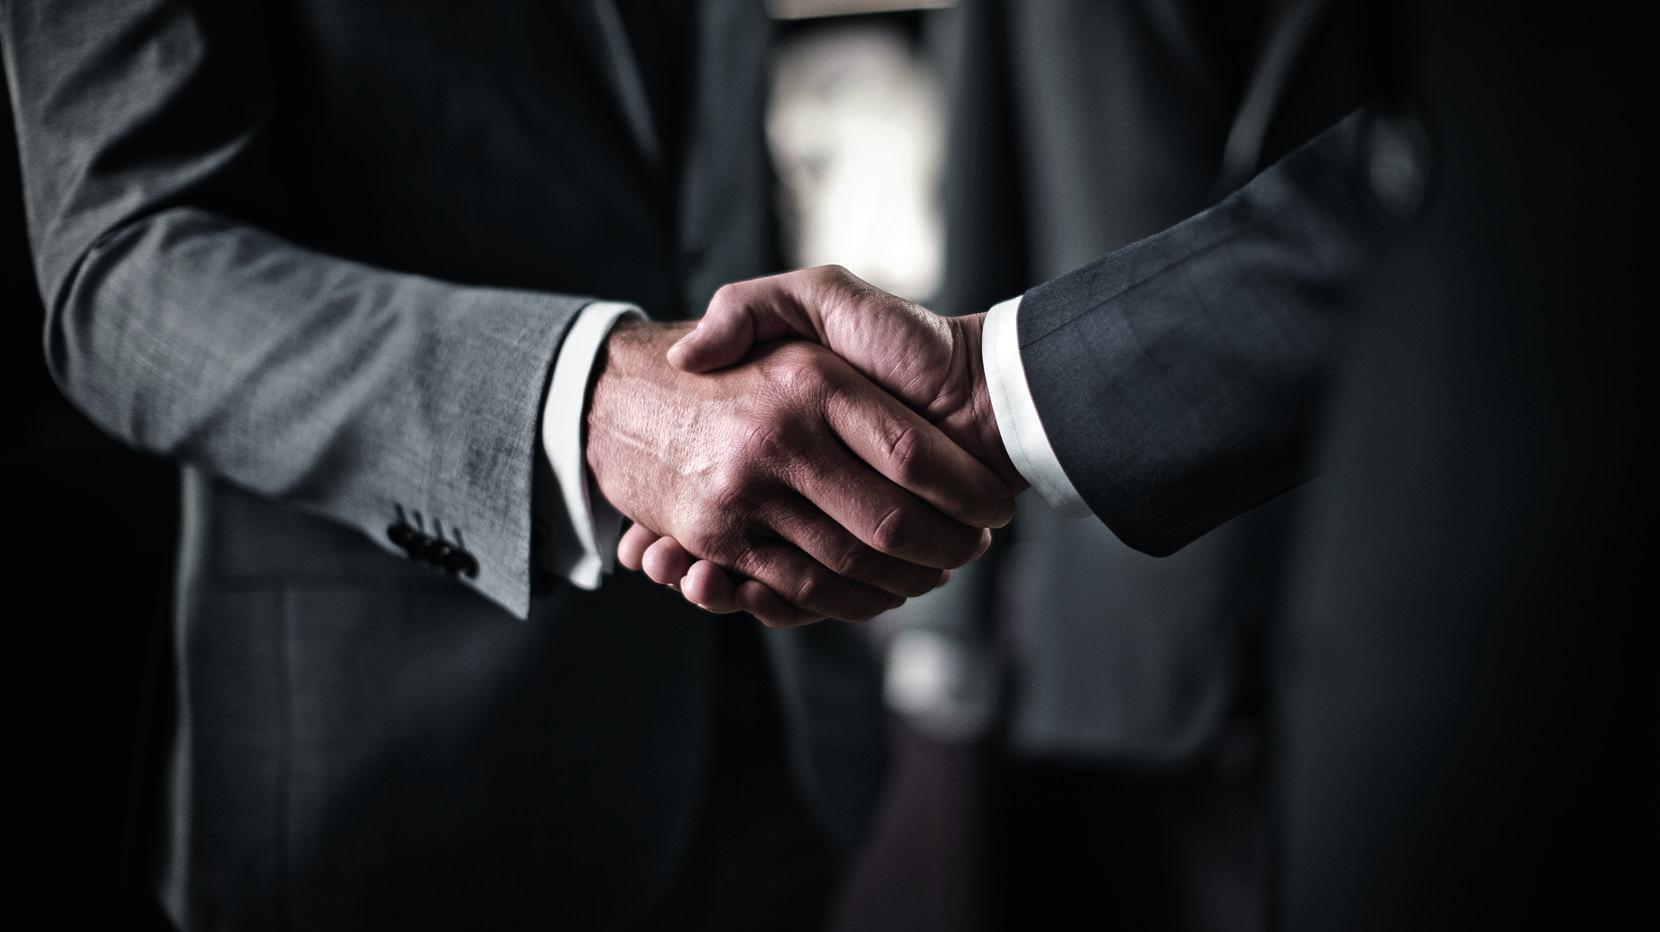 nachhaltigkeit_partner_handshake-cl2x